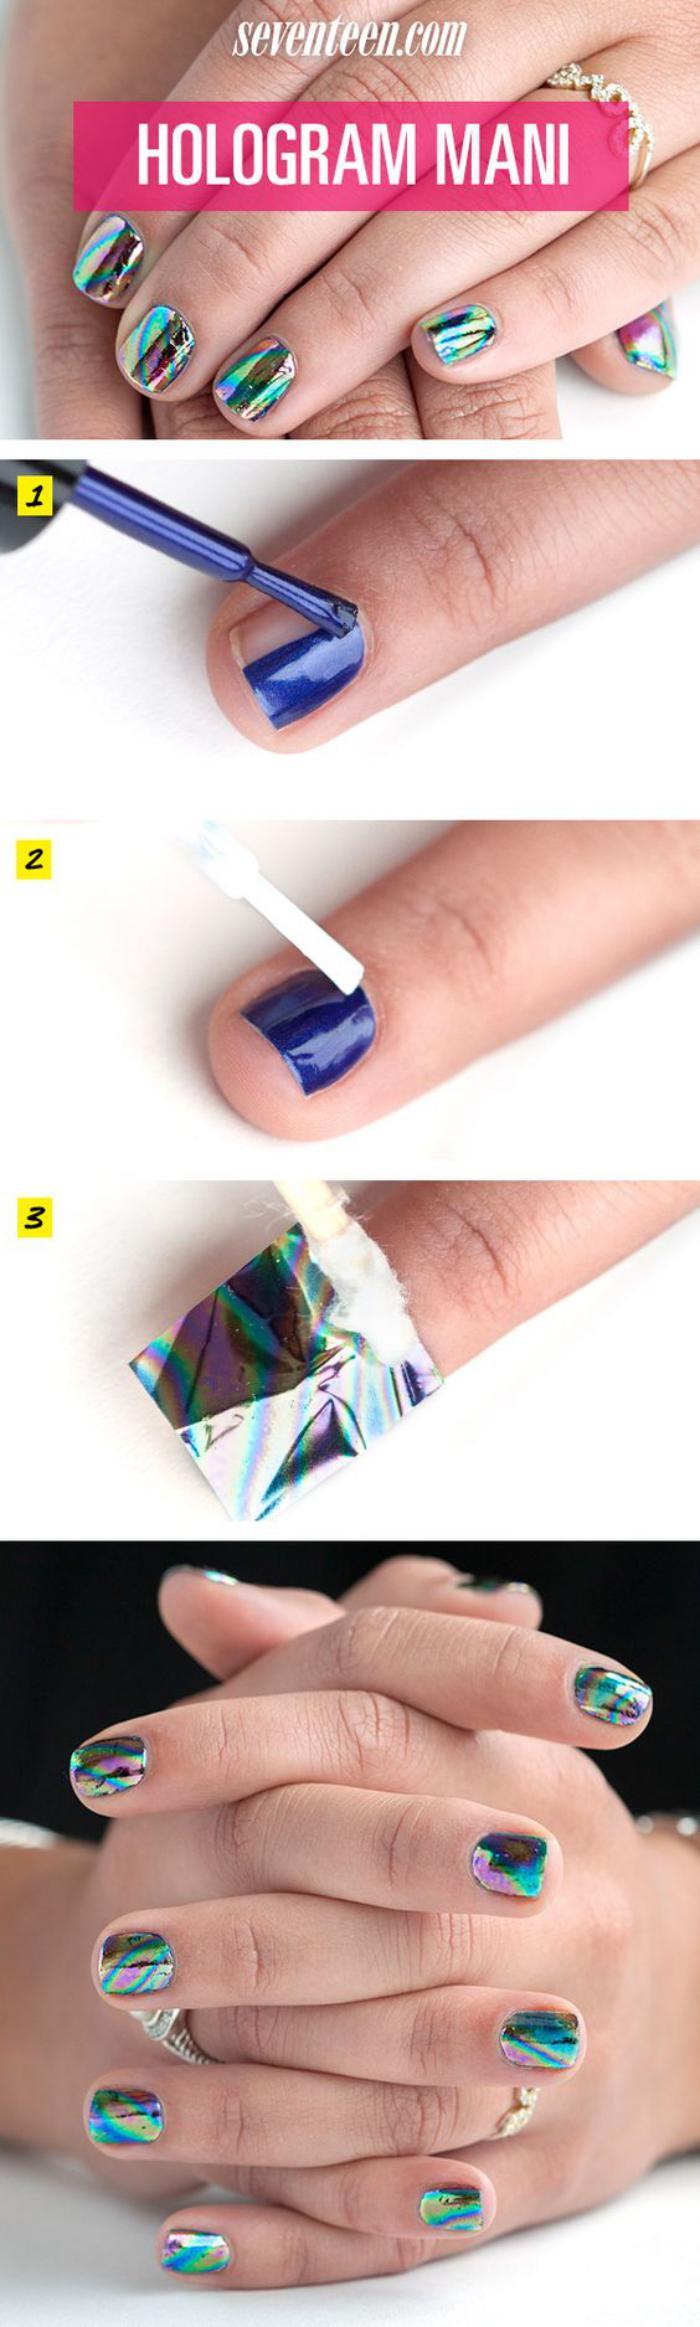 déco-nail-art-poser-un-foil-spécial-nail-art